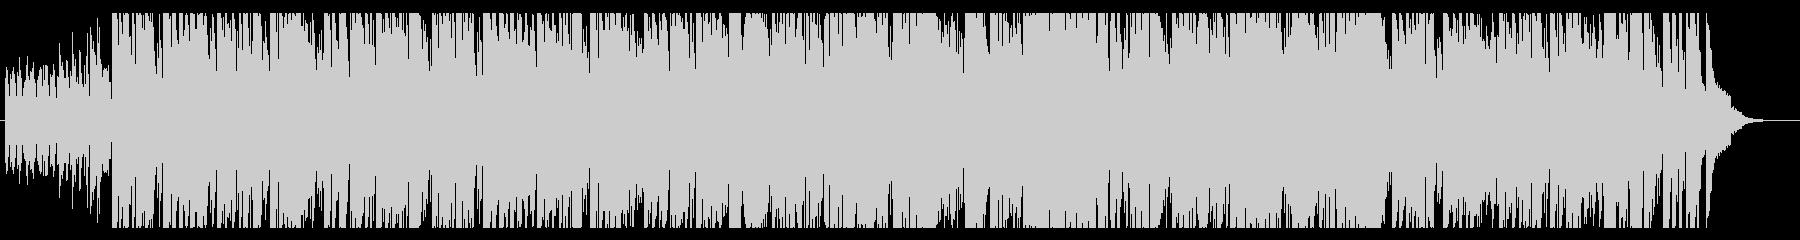 ゆったり、ほのぼのとしたブルースナンバーの未再生の波形